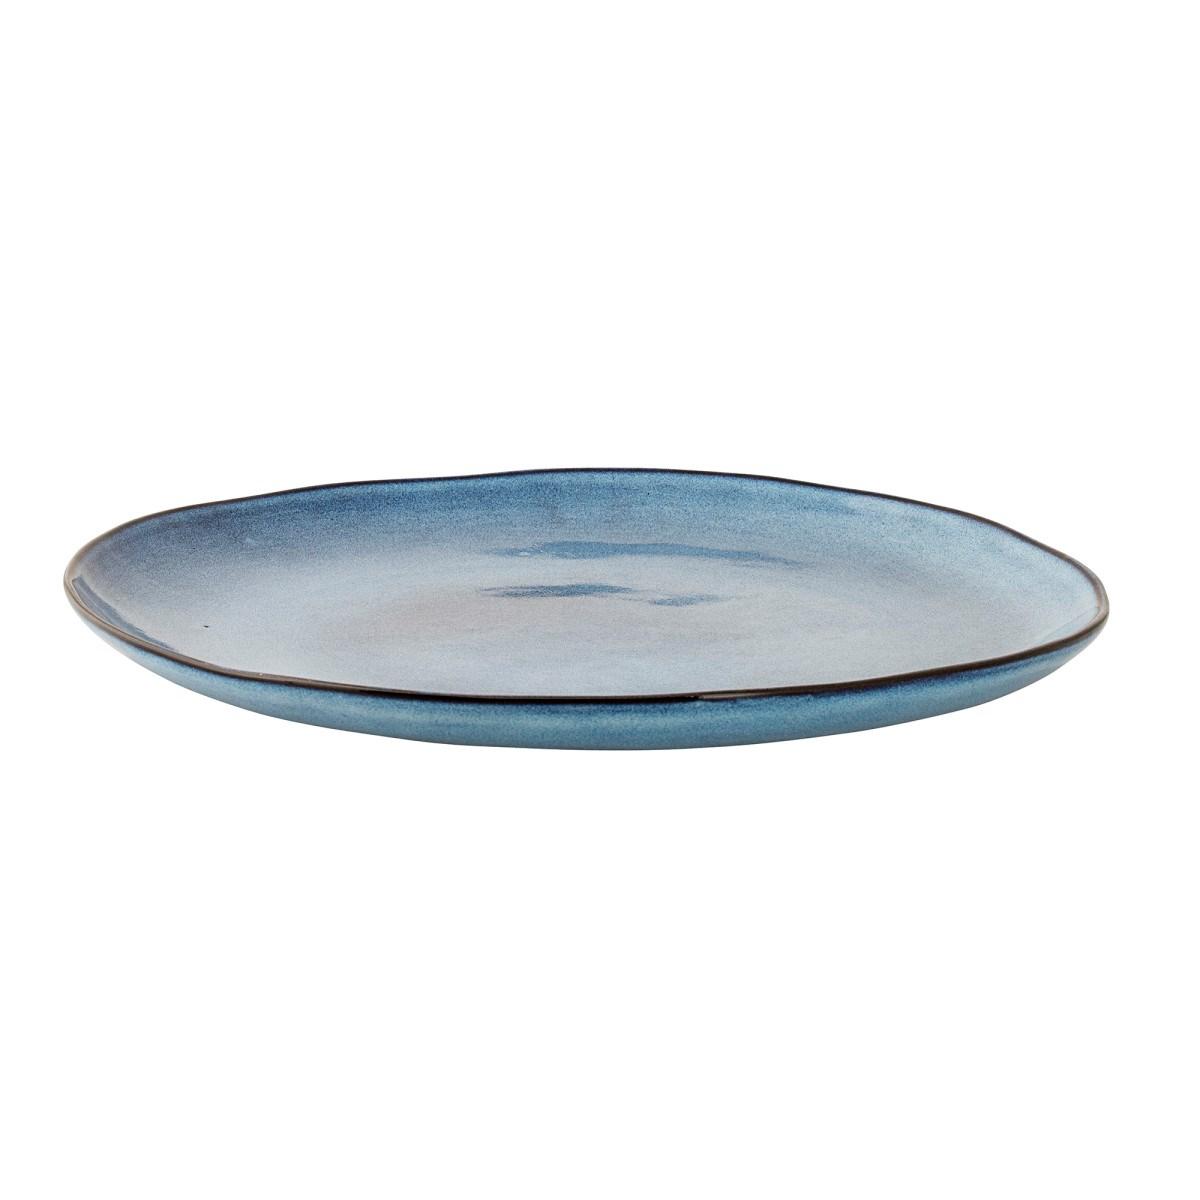 Kameninový talíř P.28.5 cm modrý_0